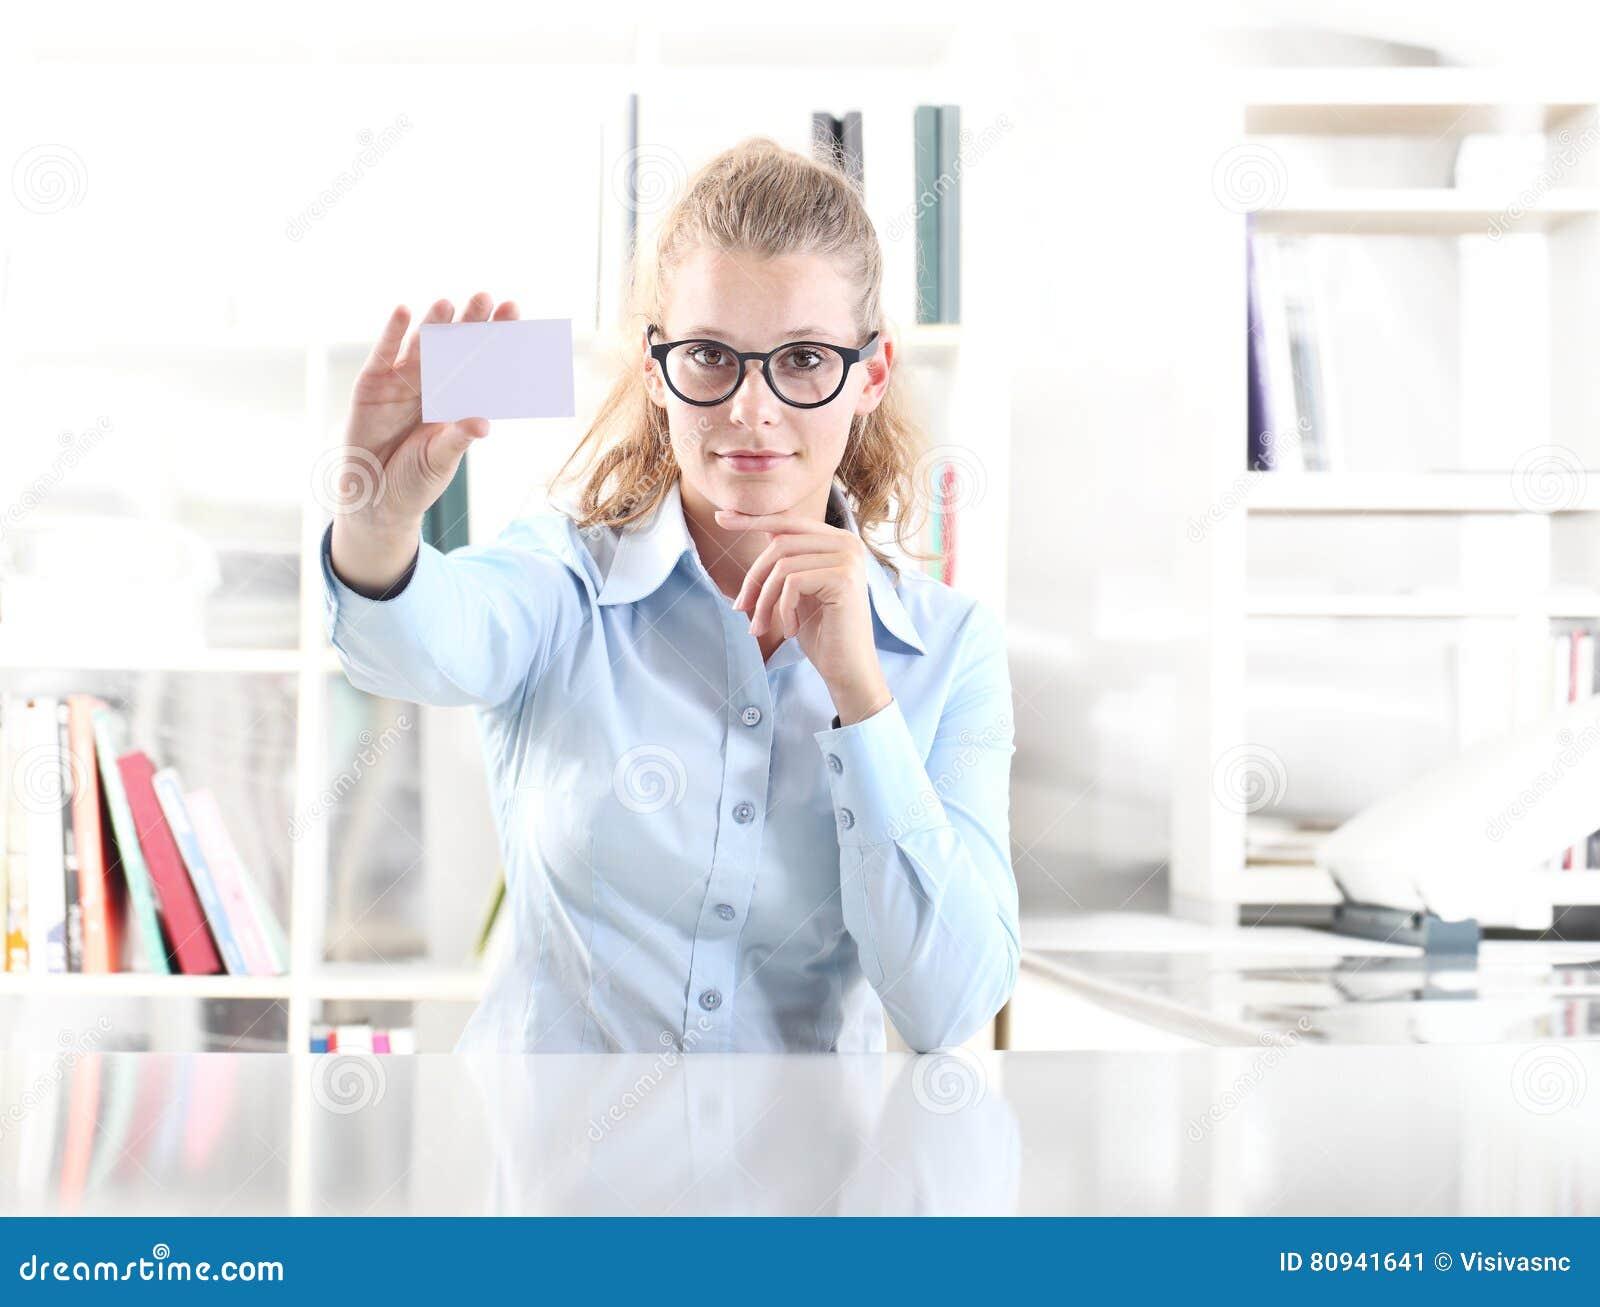 Download Carte De Visite Professionnelle Blanc Dexposition Femme Image Stock